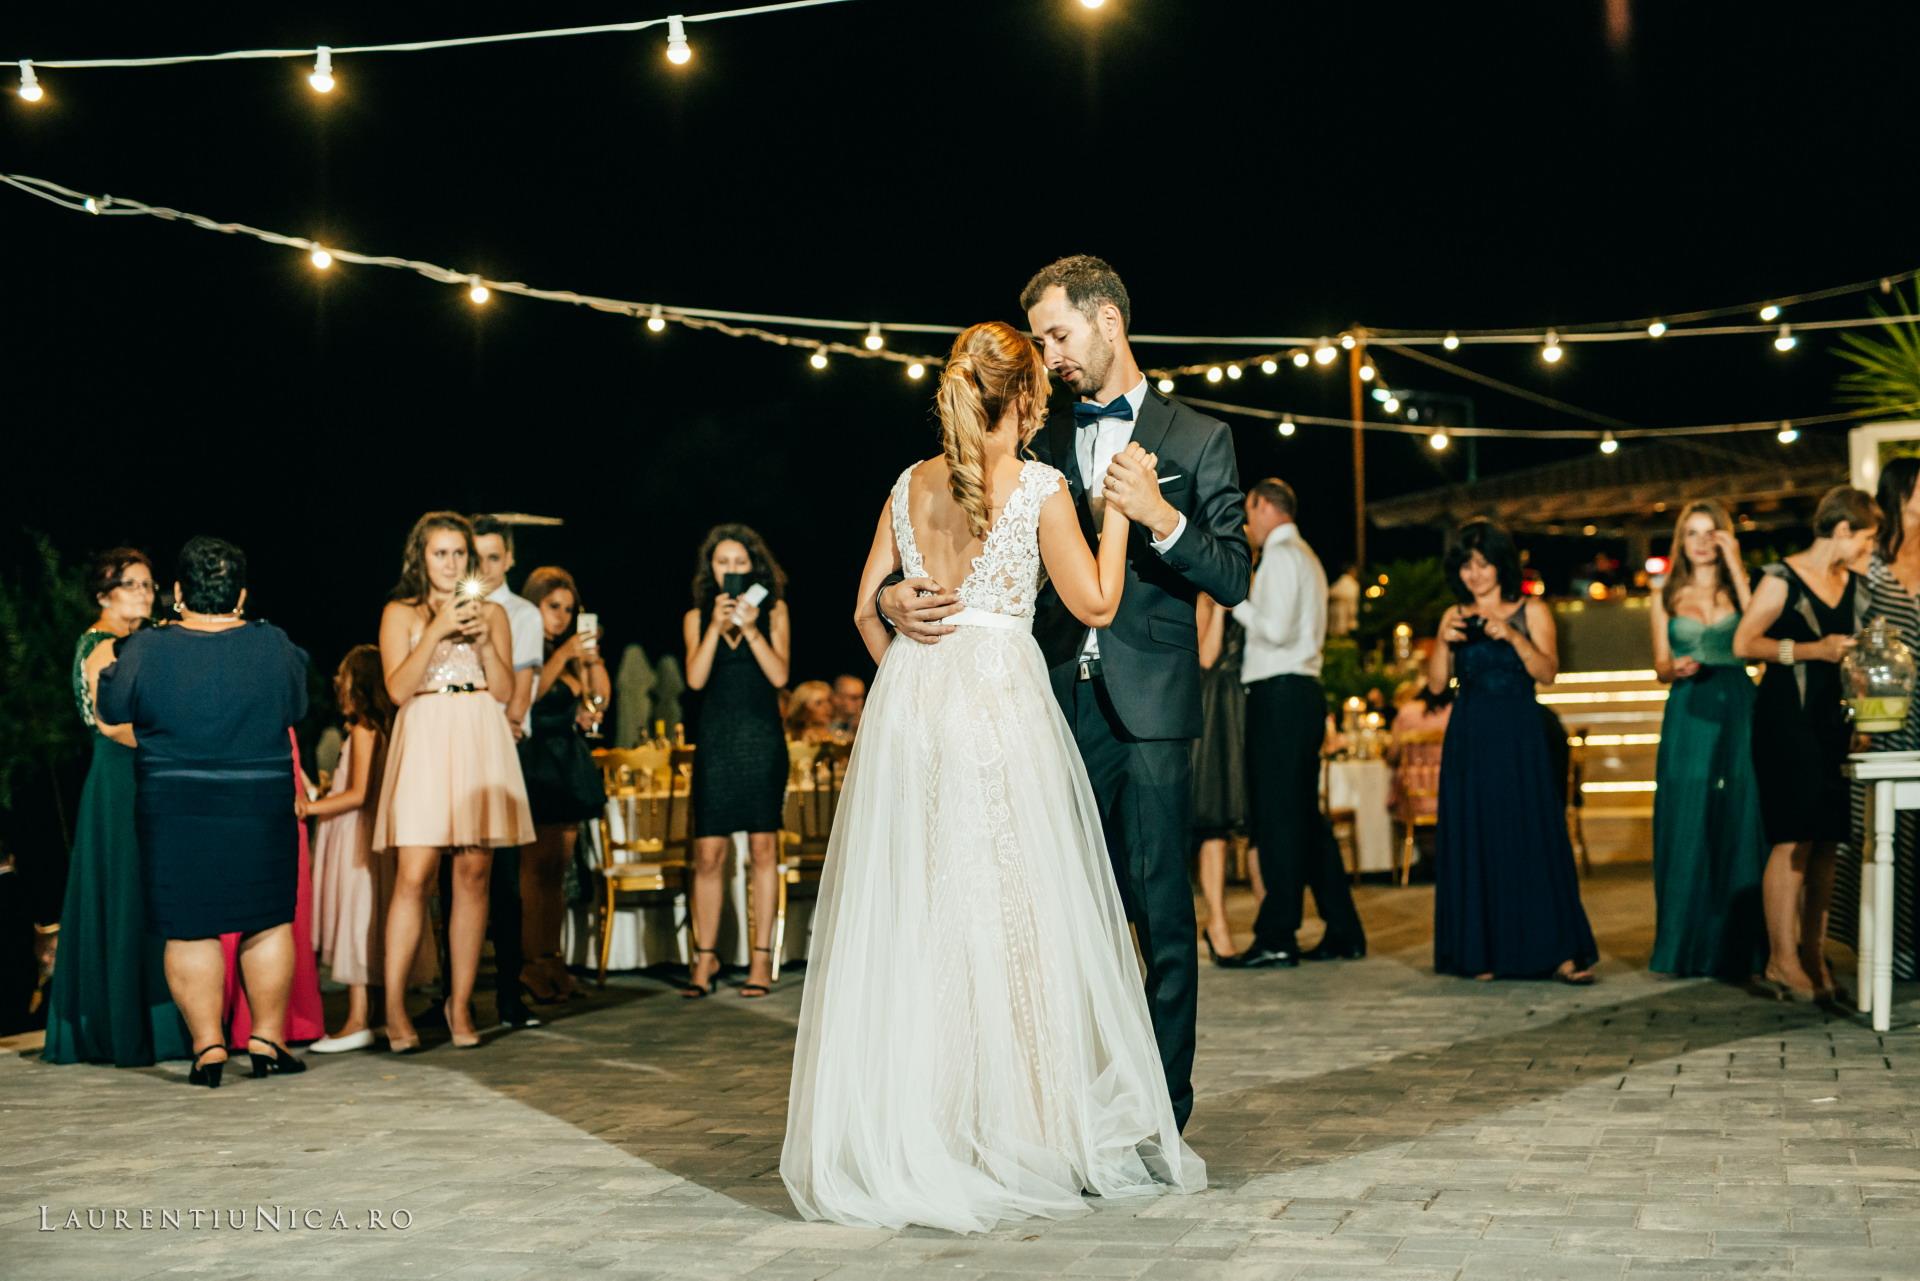 carolina si sorin craiova fotograf nunta laurentiu nica72 - Carolina & Sorin | Fotografii nunta